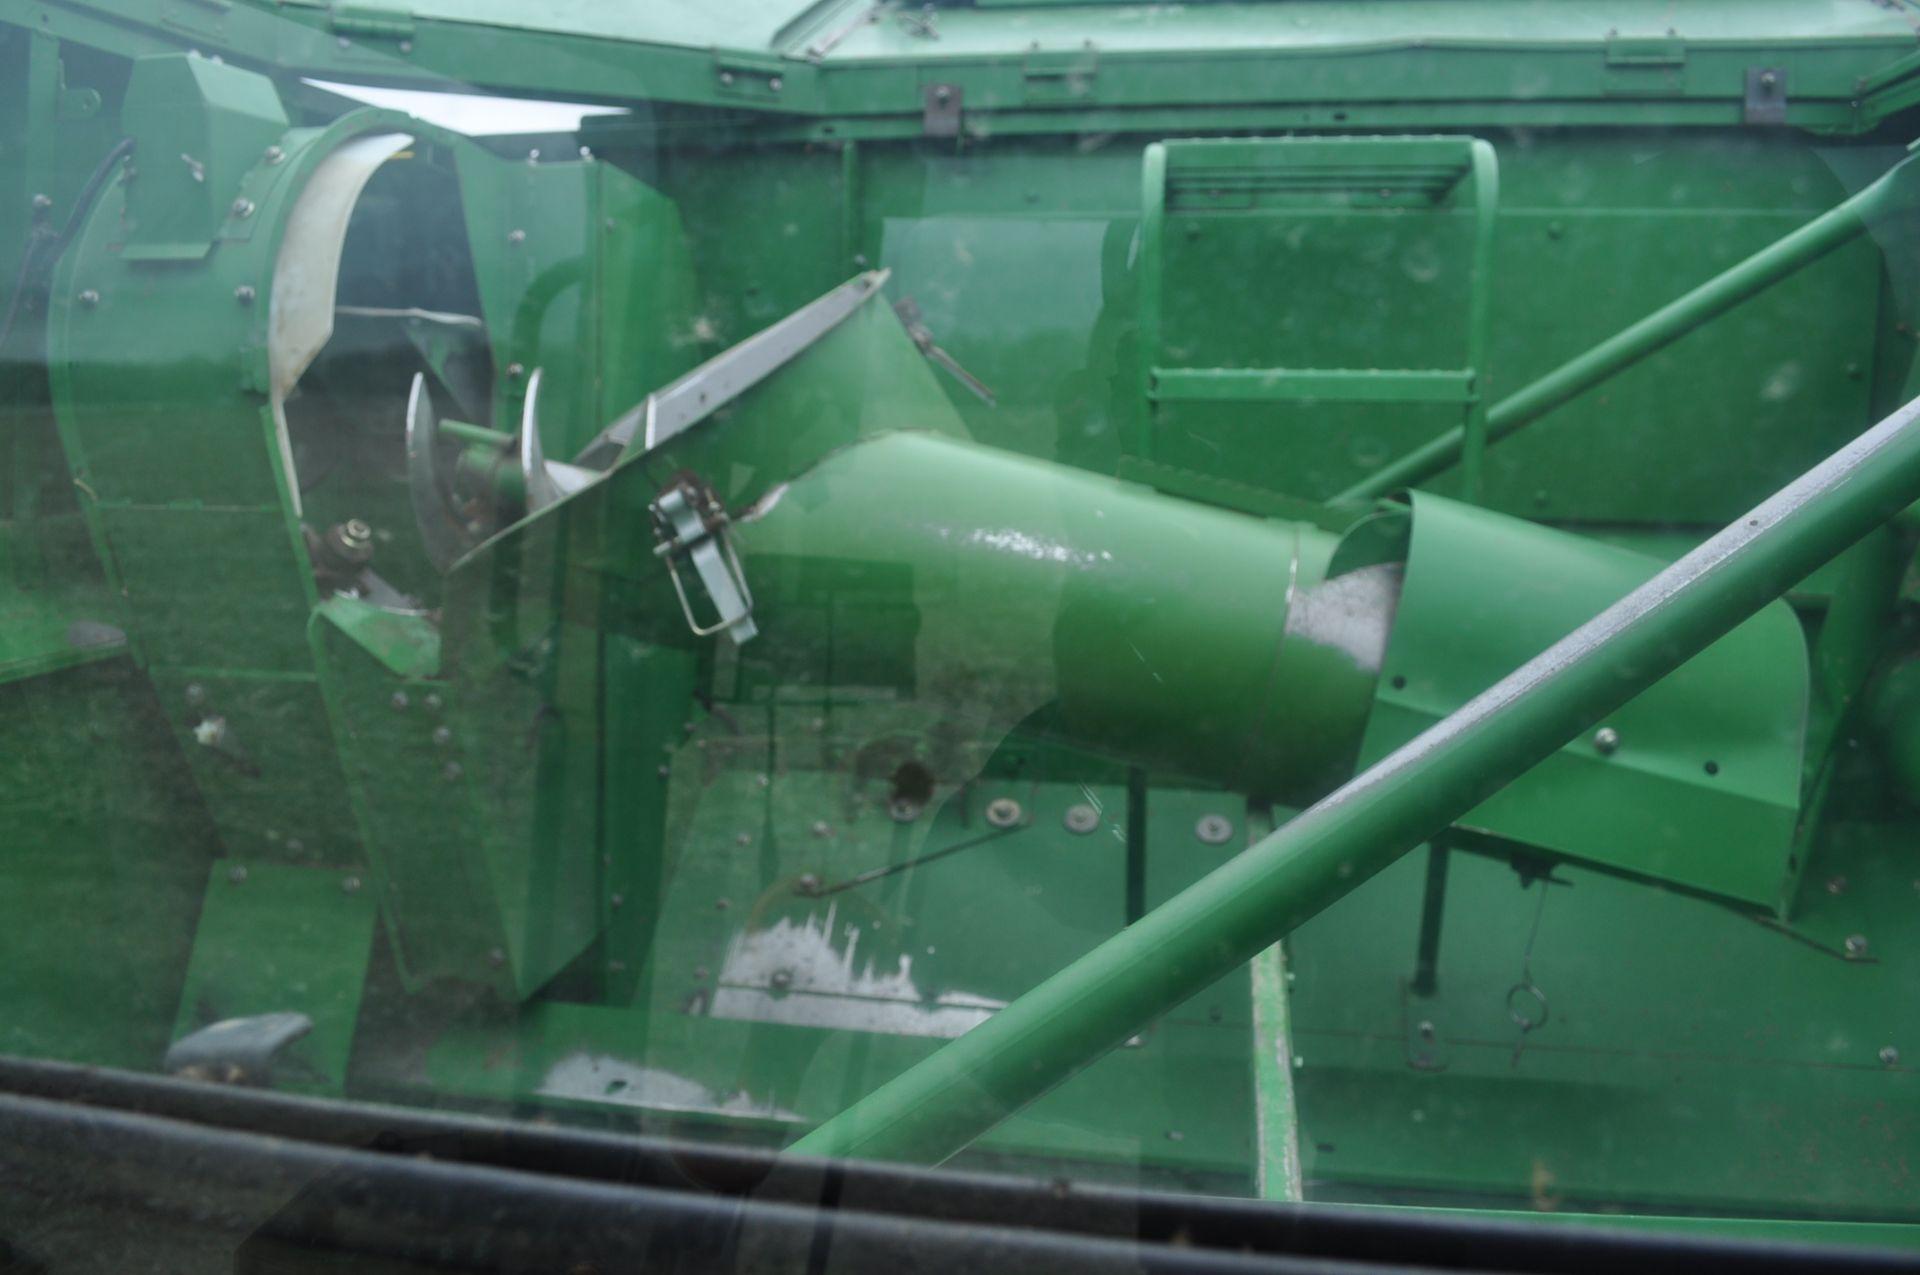 John Deere 9450 combine, 30.5-L32 drive, NEW 14.9-24 rear, chopper, chaff spreader, Mauer bin - Image 22 of 24